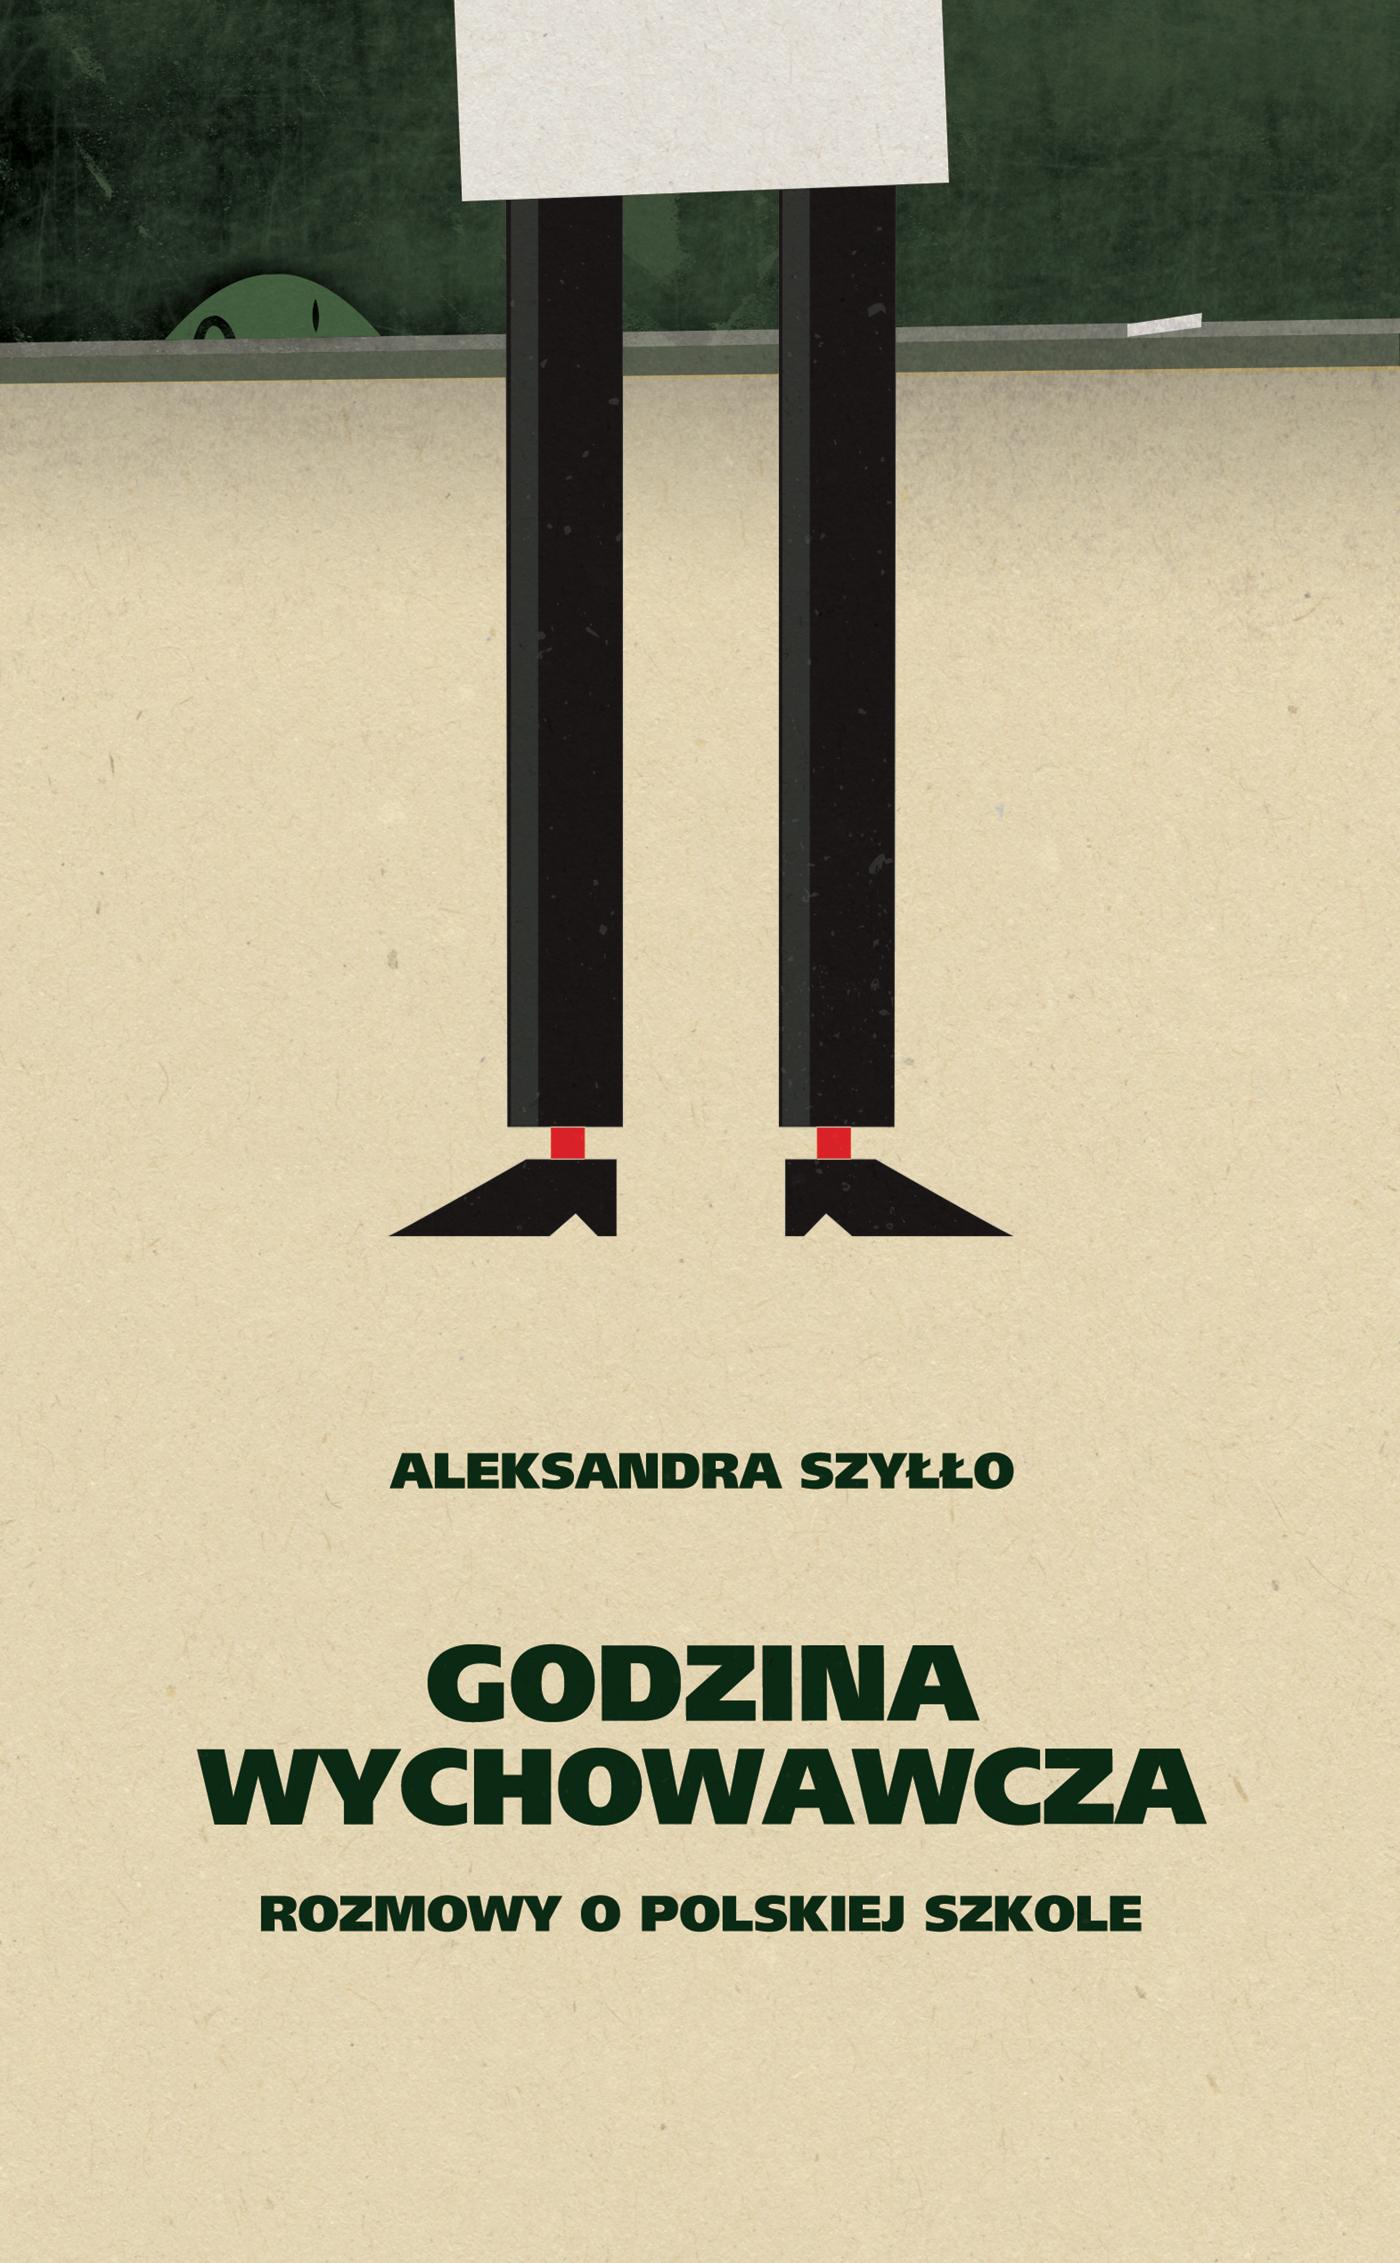 https://czarne.com.pl/uploads/catalog/product/cover/1013/godzina_wychowawcza_szerokosc1400px.jpg